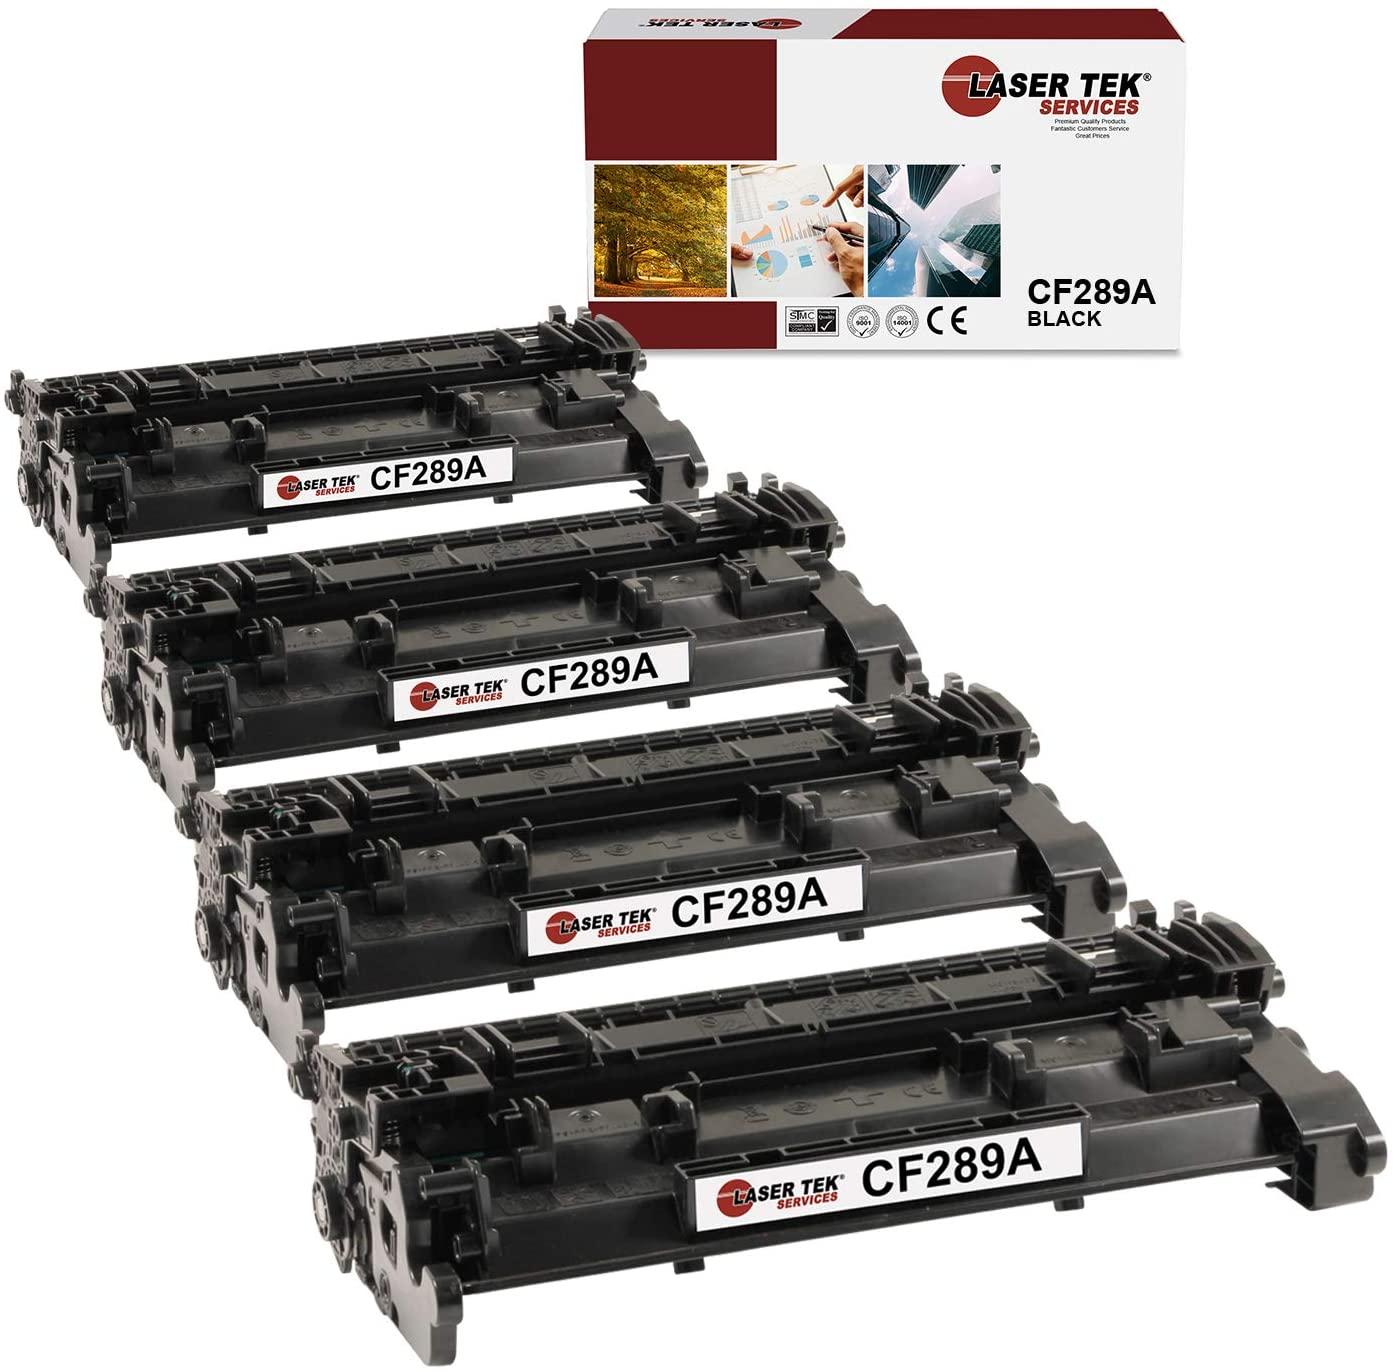 Laser Tek Services Compatible HP 89A CF289A Toner Cartridge Replacement for HP Laserjet Enterprise M507, MFP M528 Printers (Black, 4 Pack) - 5,000 Pages